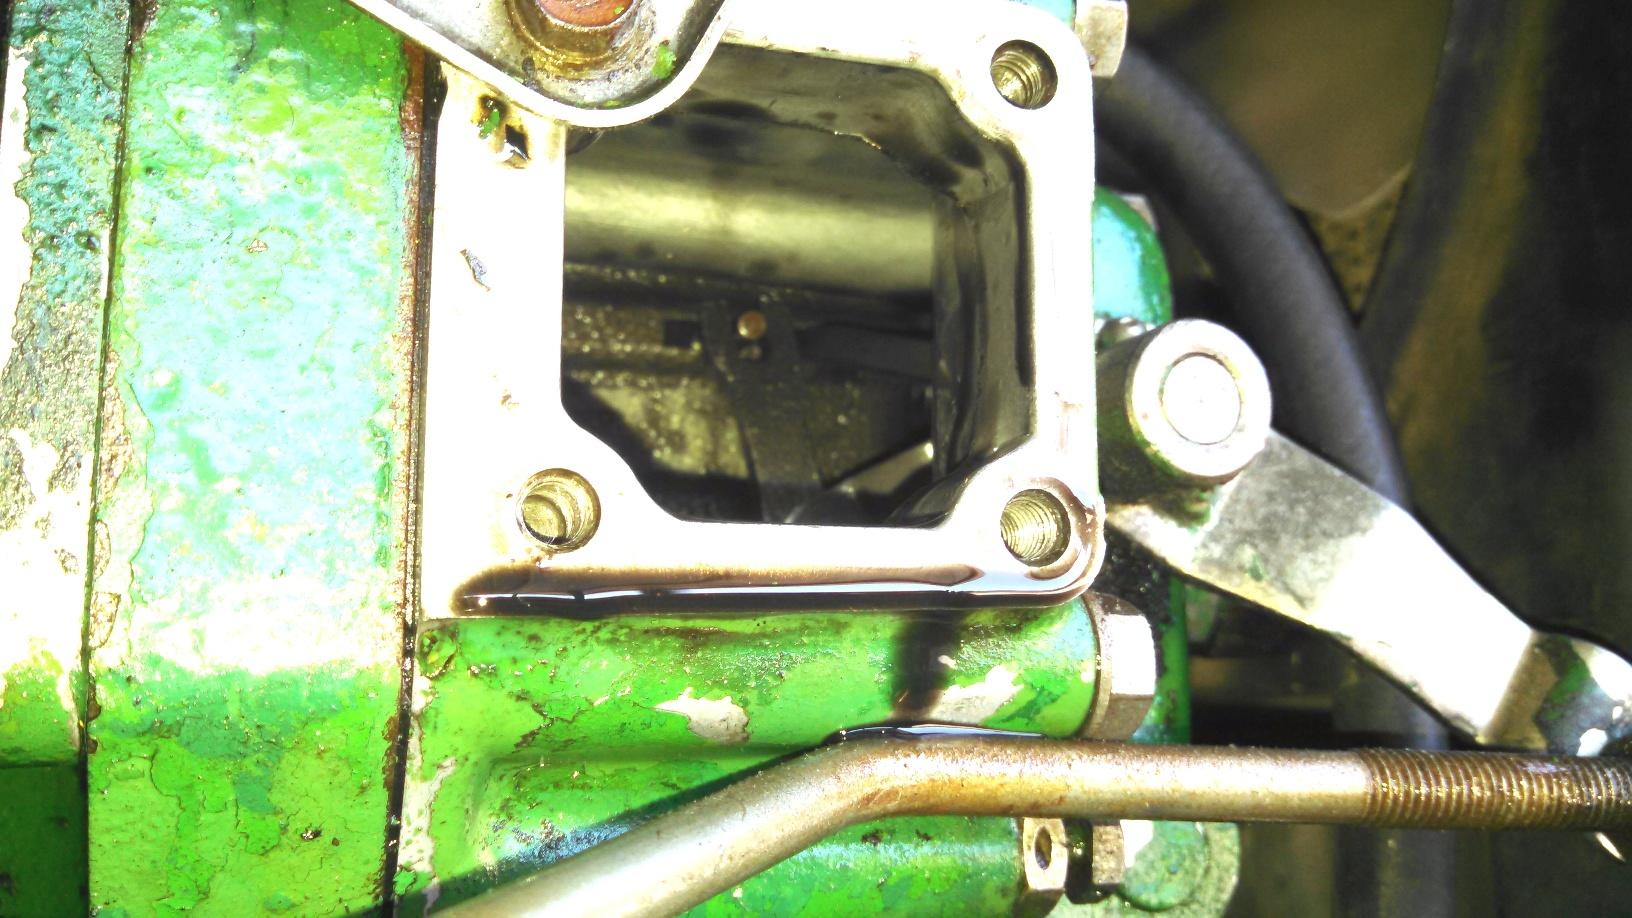 750 Deere 750 compact tractor, 3 cyl Yanmar diesel engine